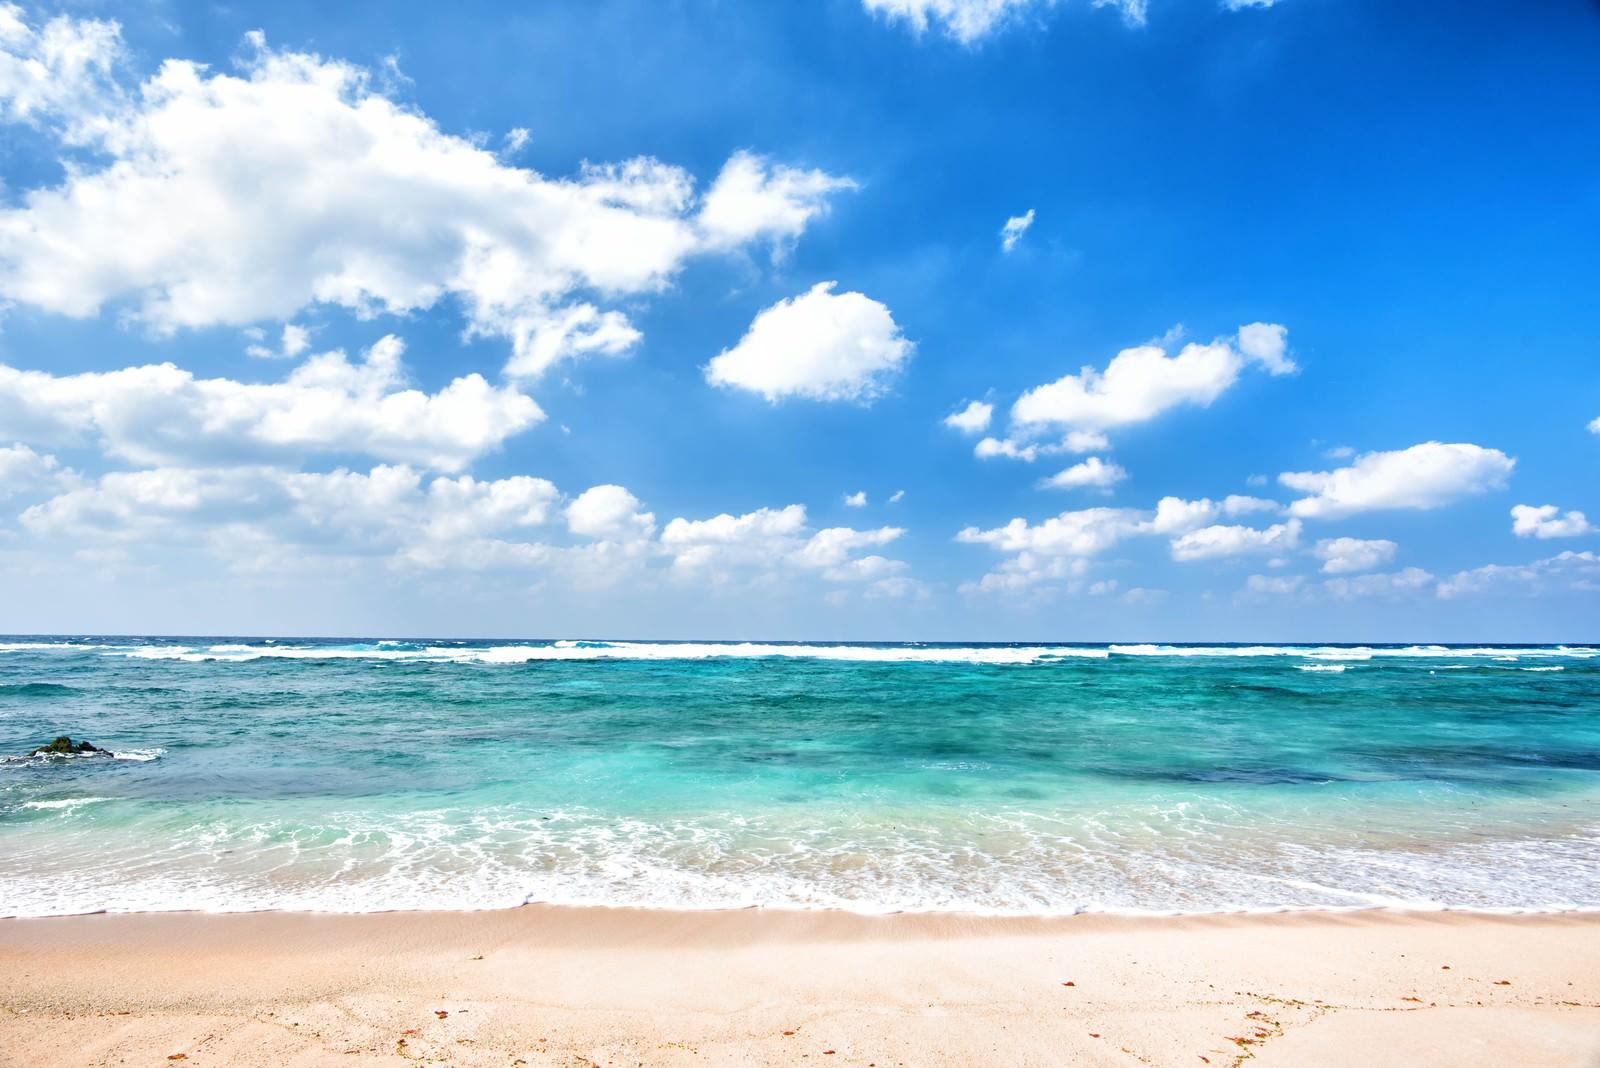 青い空とエメラルドグリーンの海の写真 画像 フリー素材 ぱくたそ